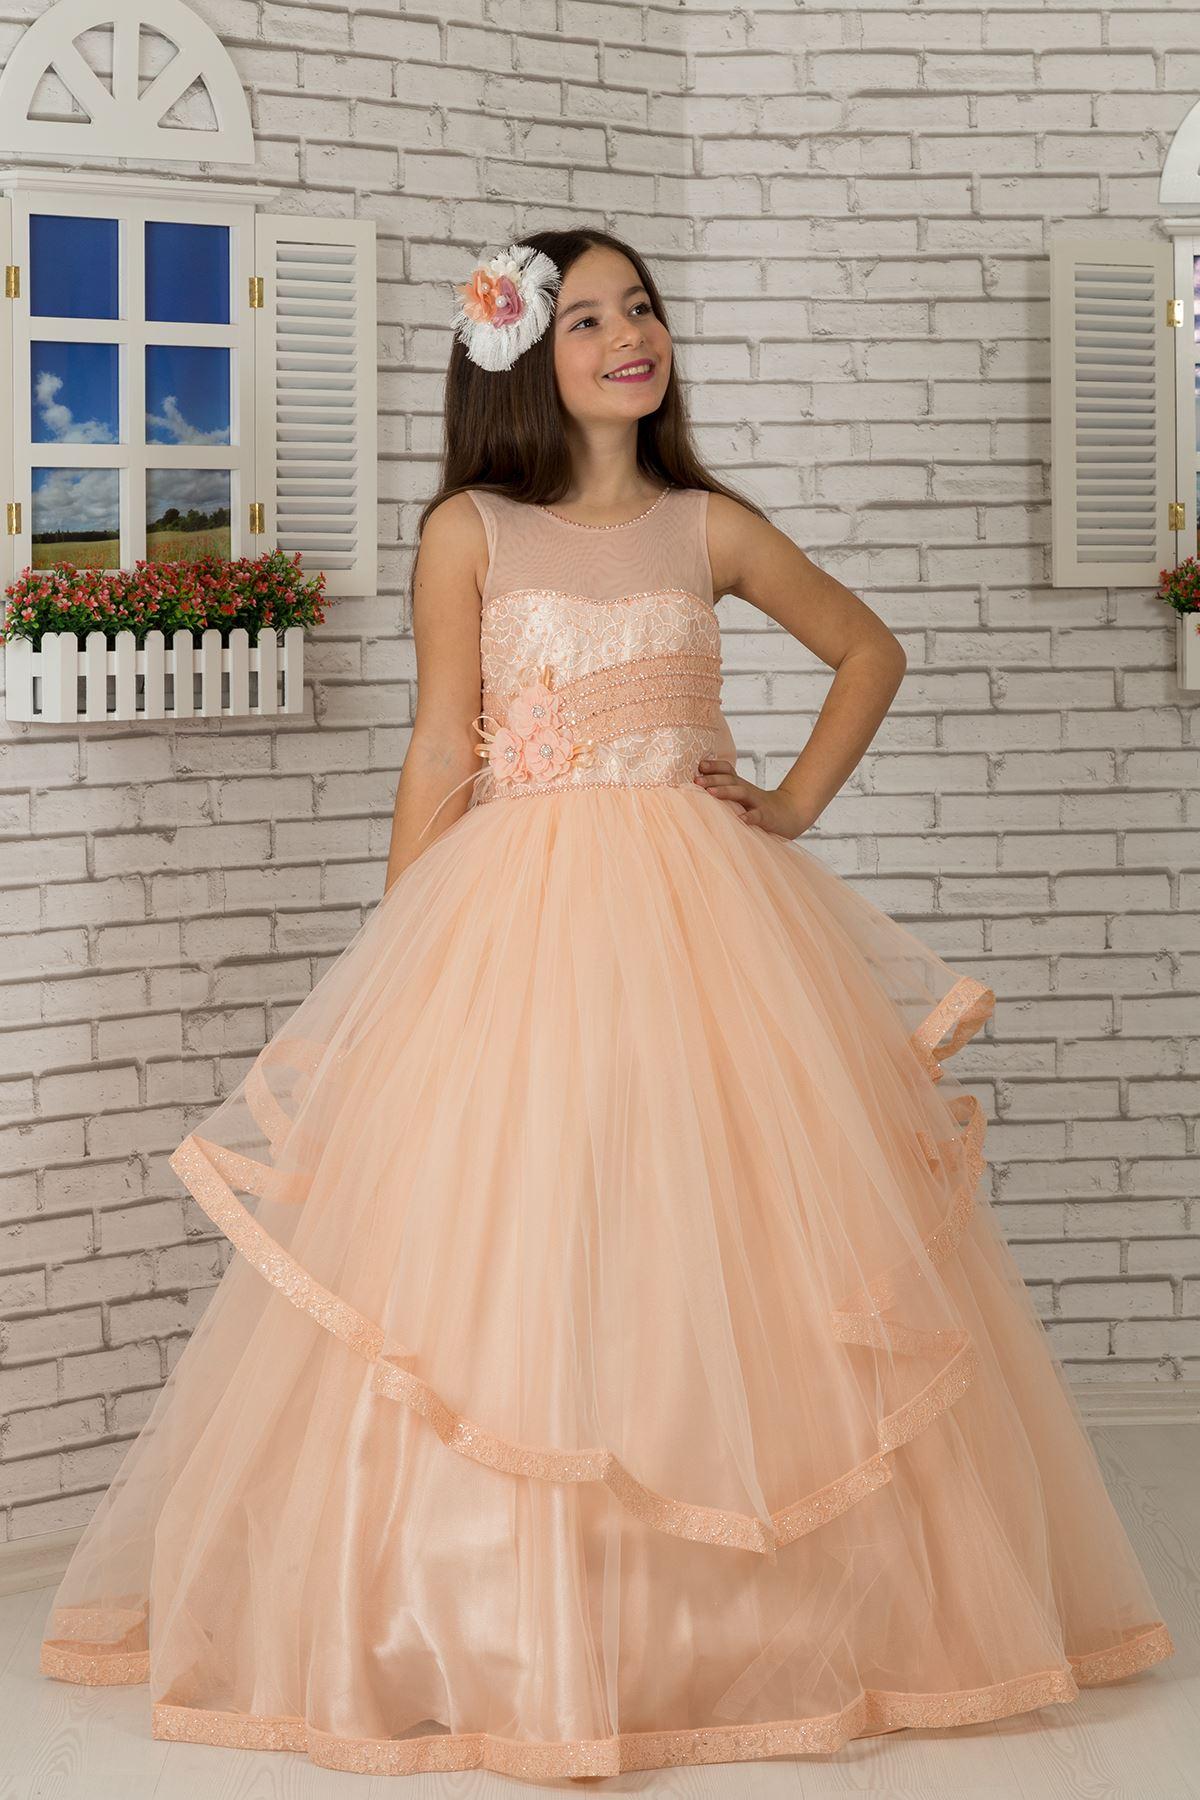 Body Detailed, Tulle Fluffy Girl's Evening Dress 602 Salmon